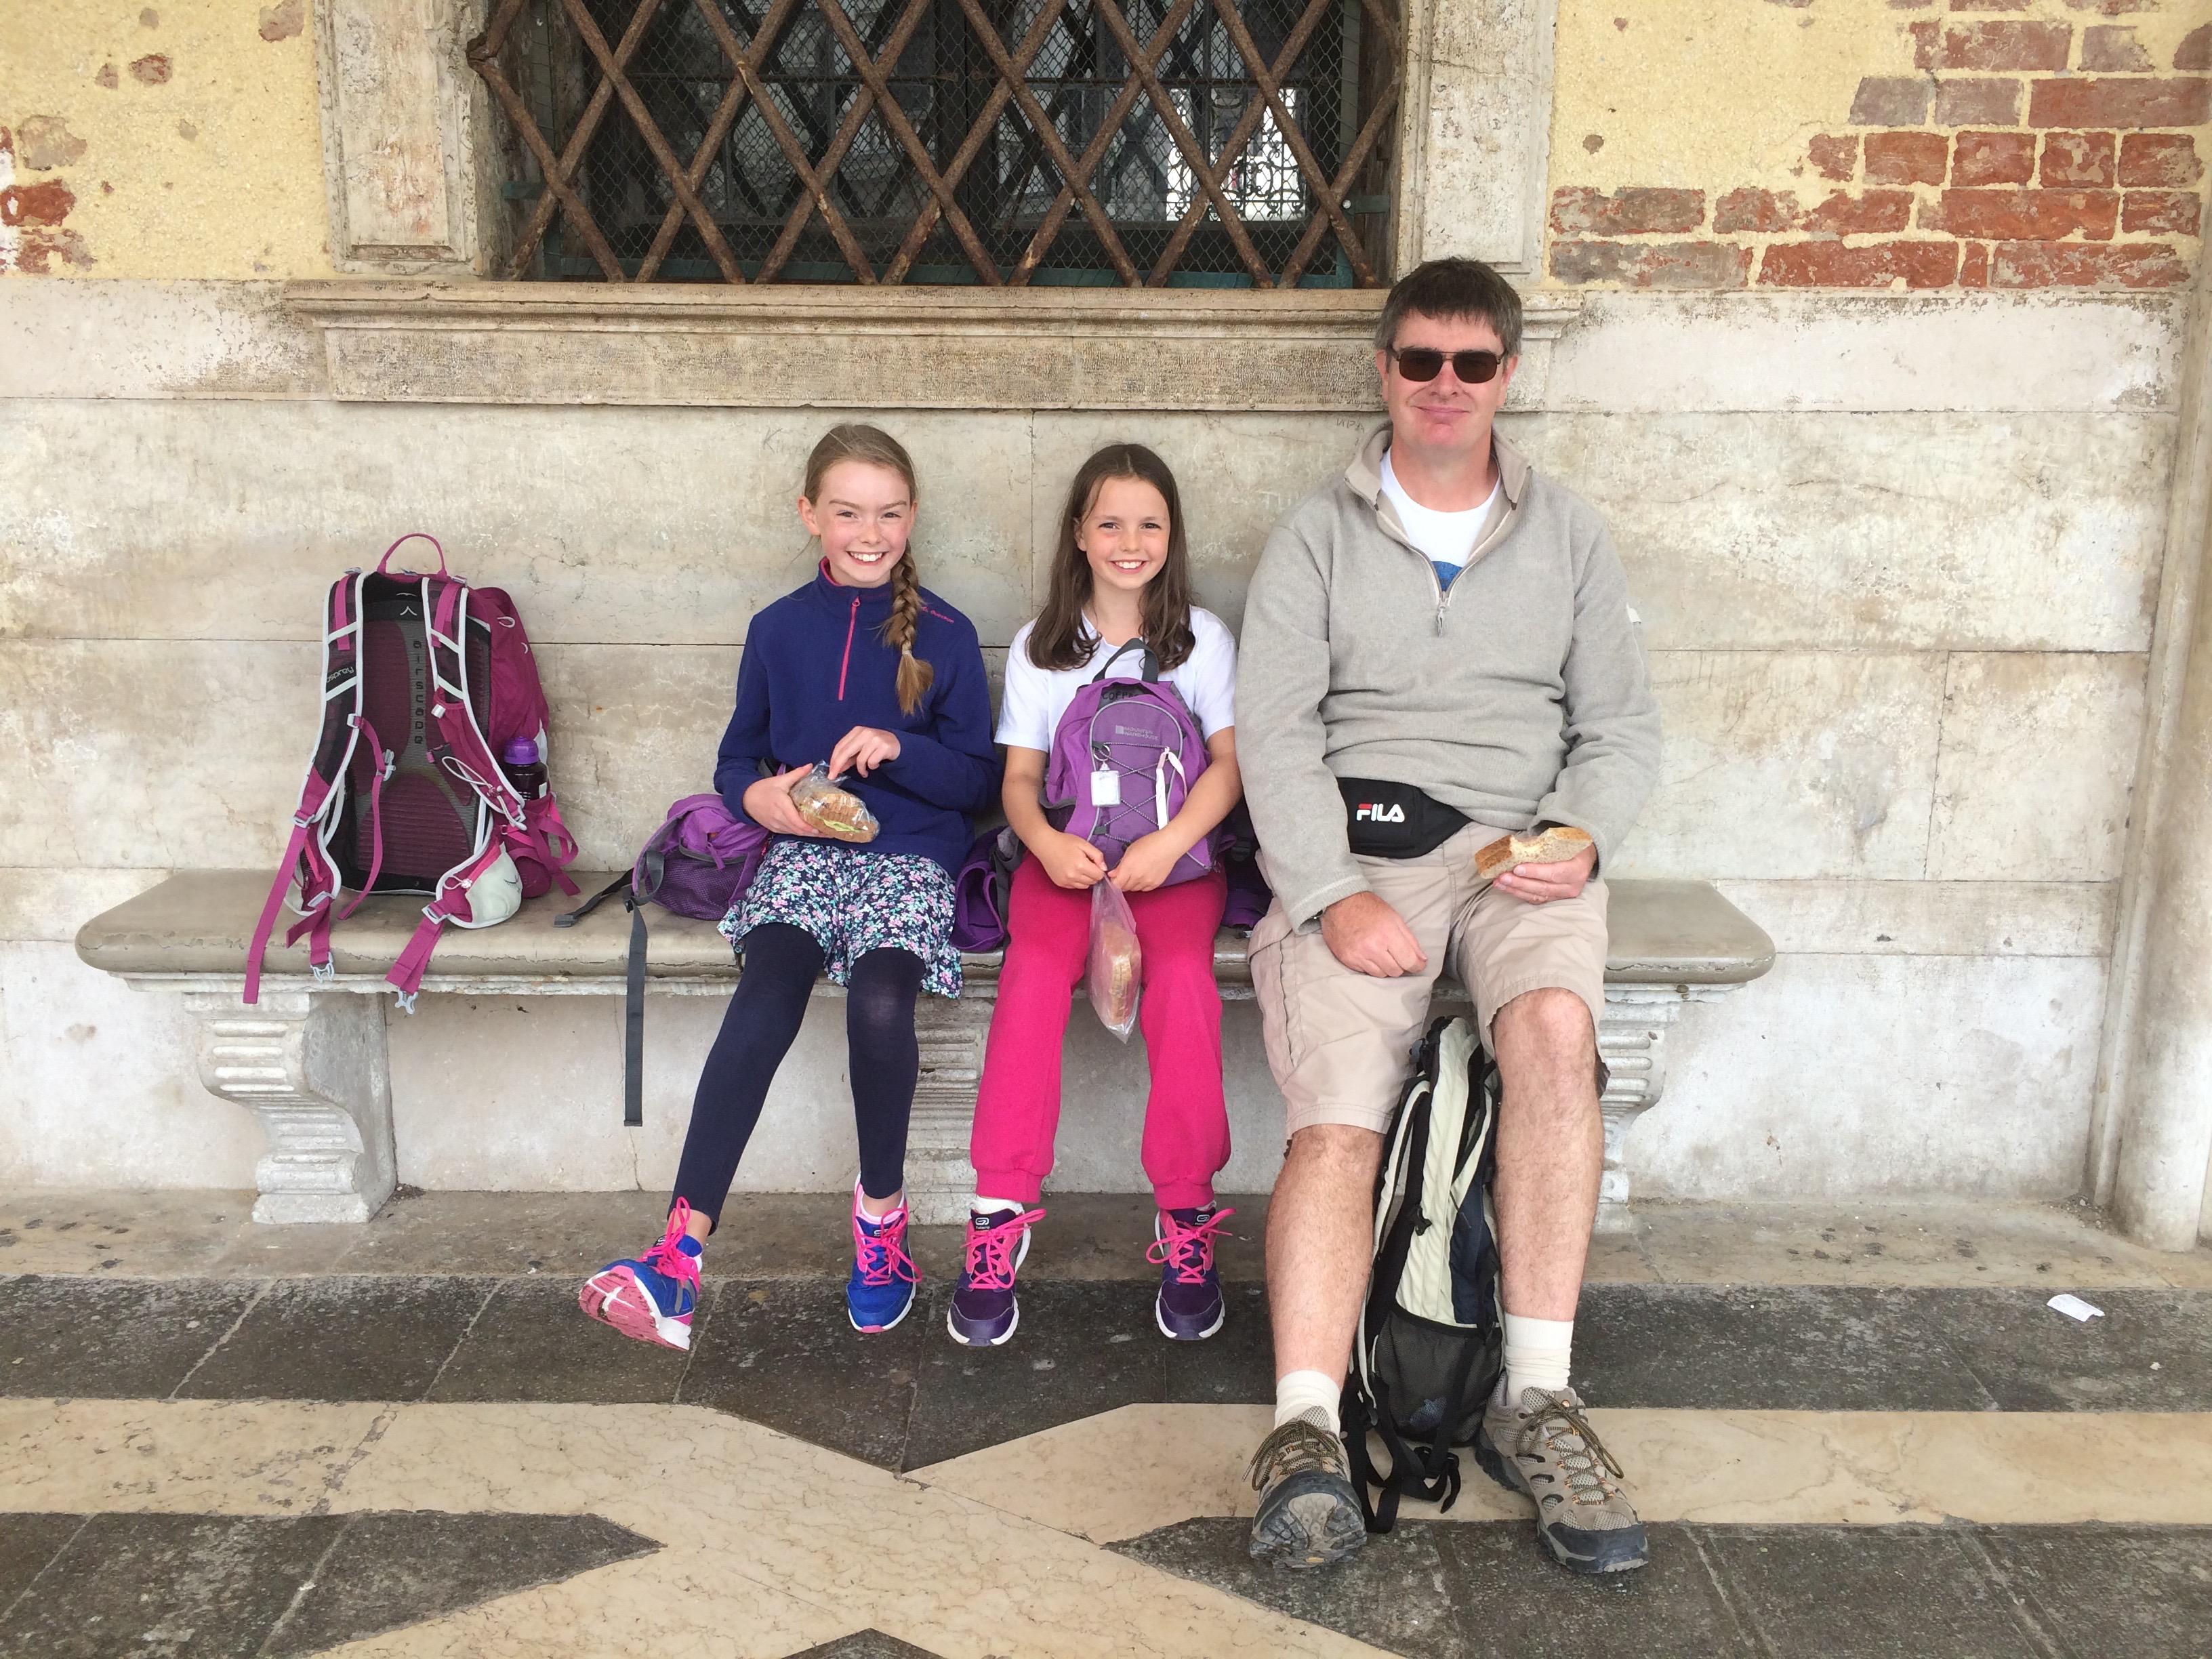 Venice picnic spot Doge's Palace